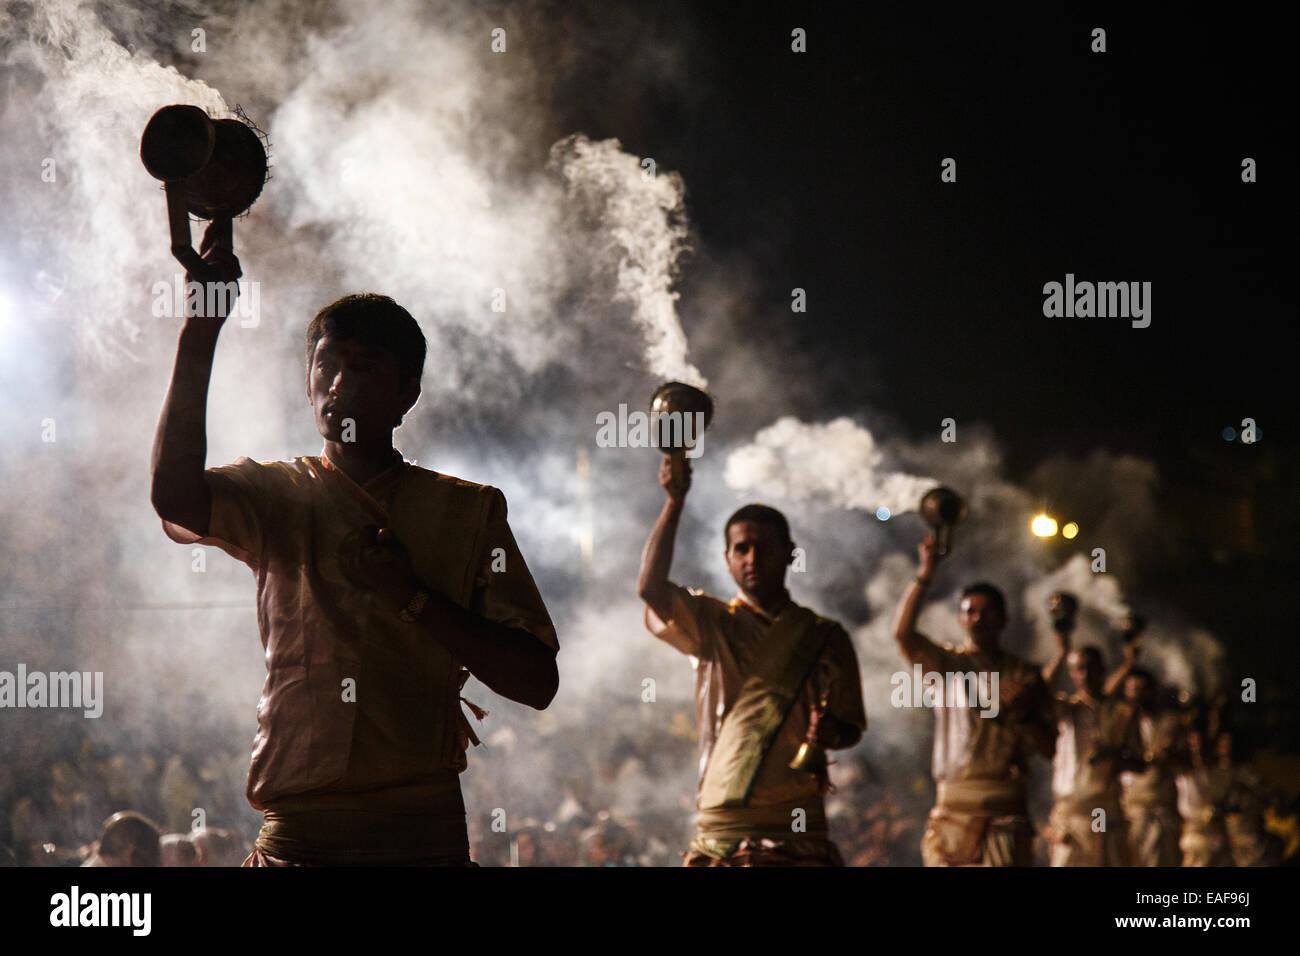 Una noche ceremonia Ganga Aarti religión hindú en el Ganges en Varanasi, India. Imagen De Stock